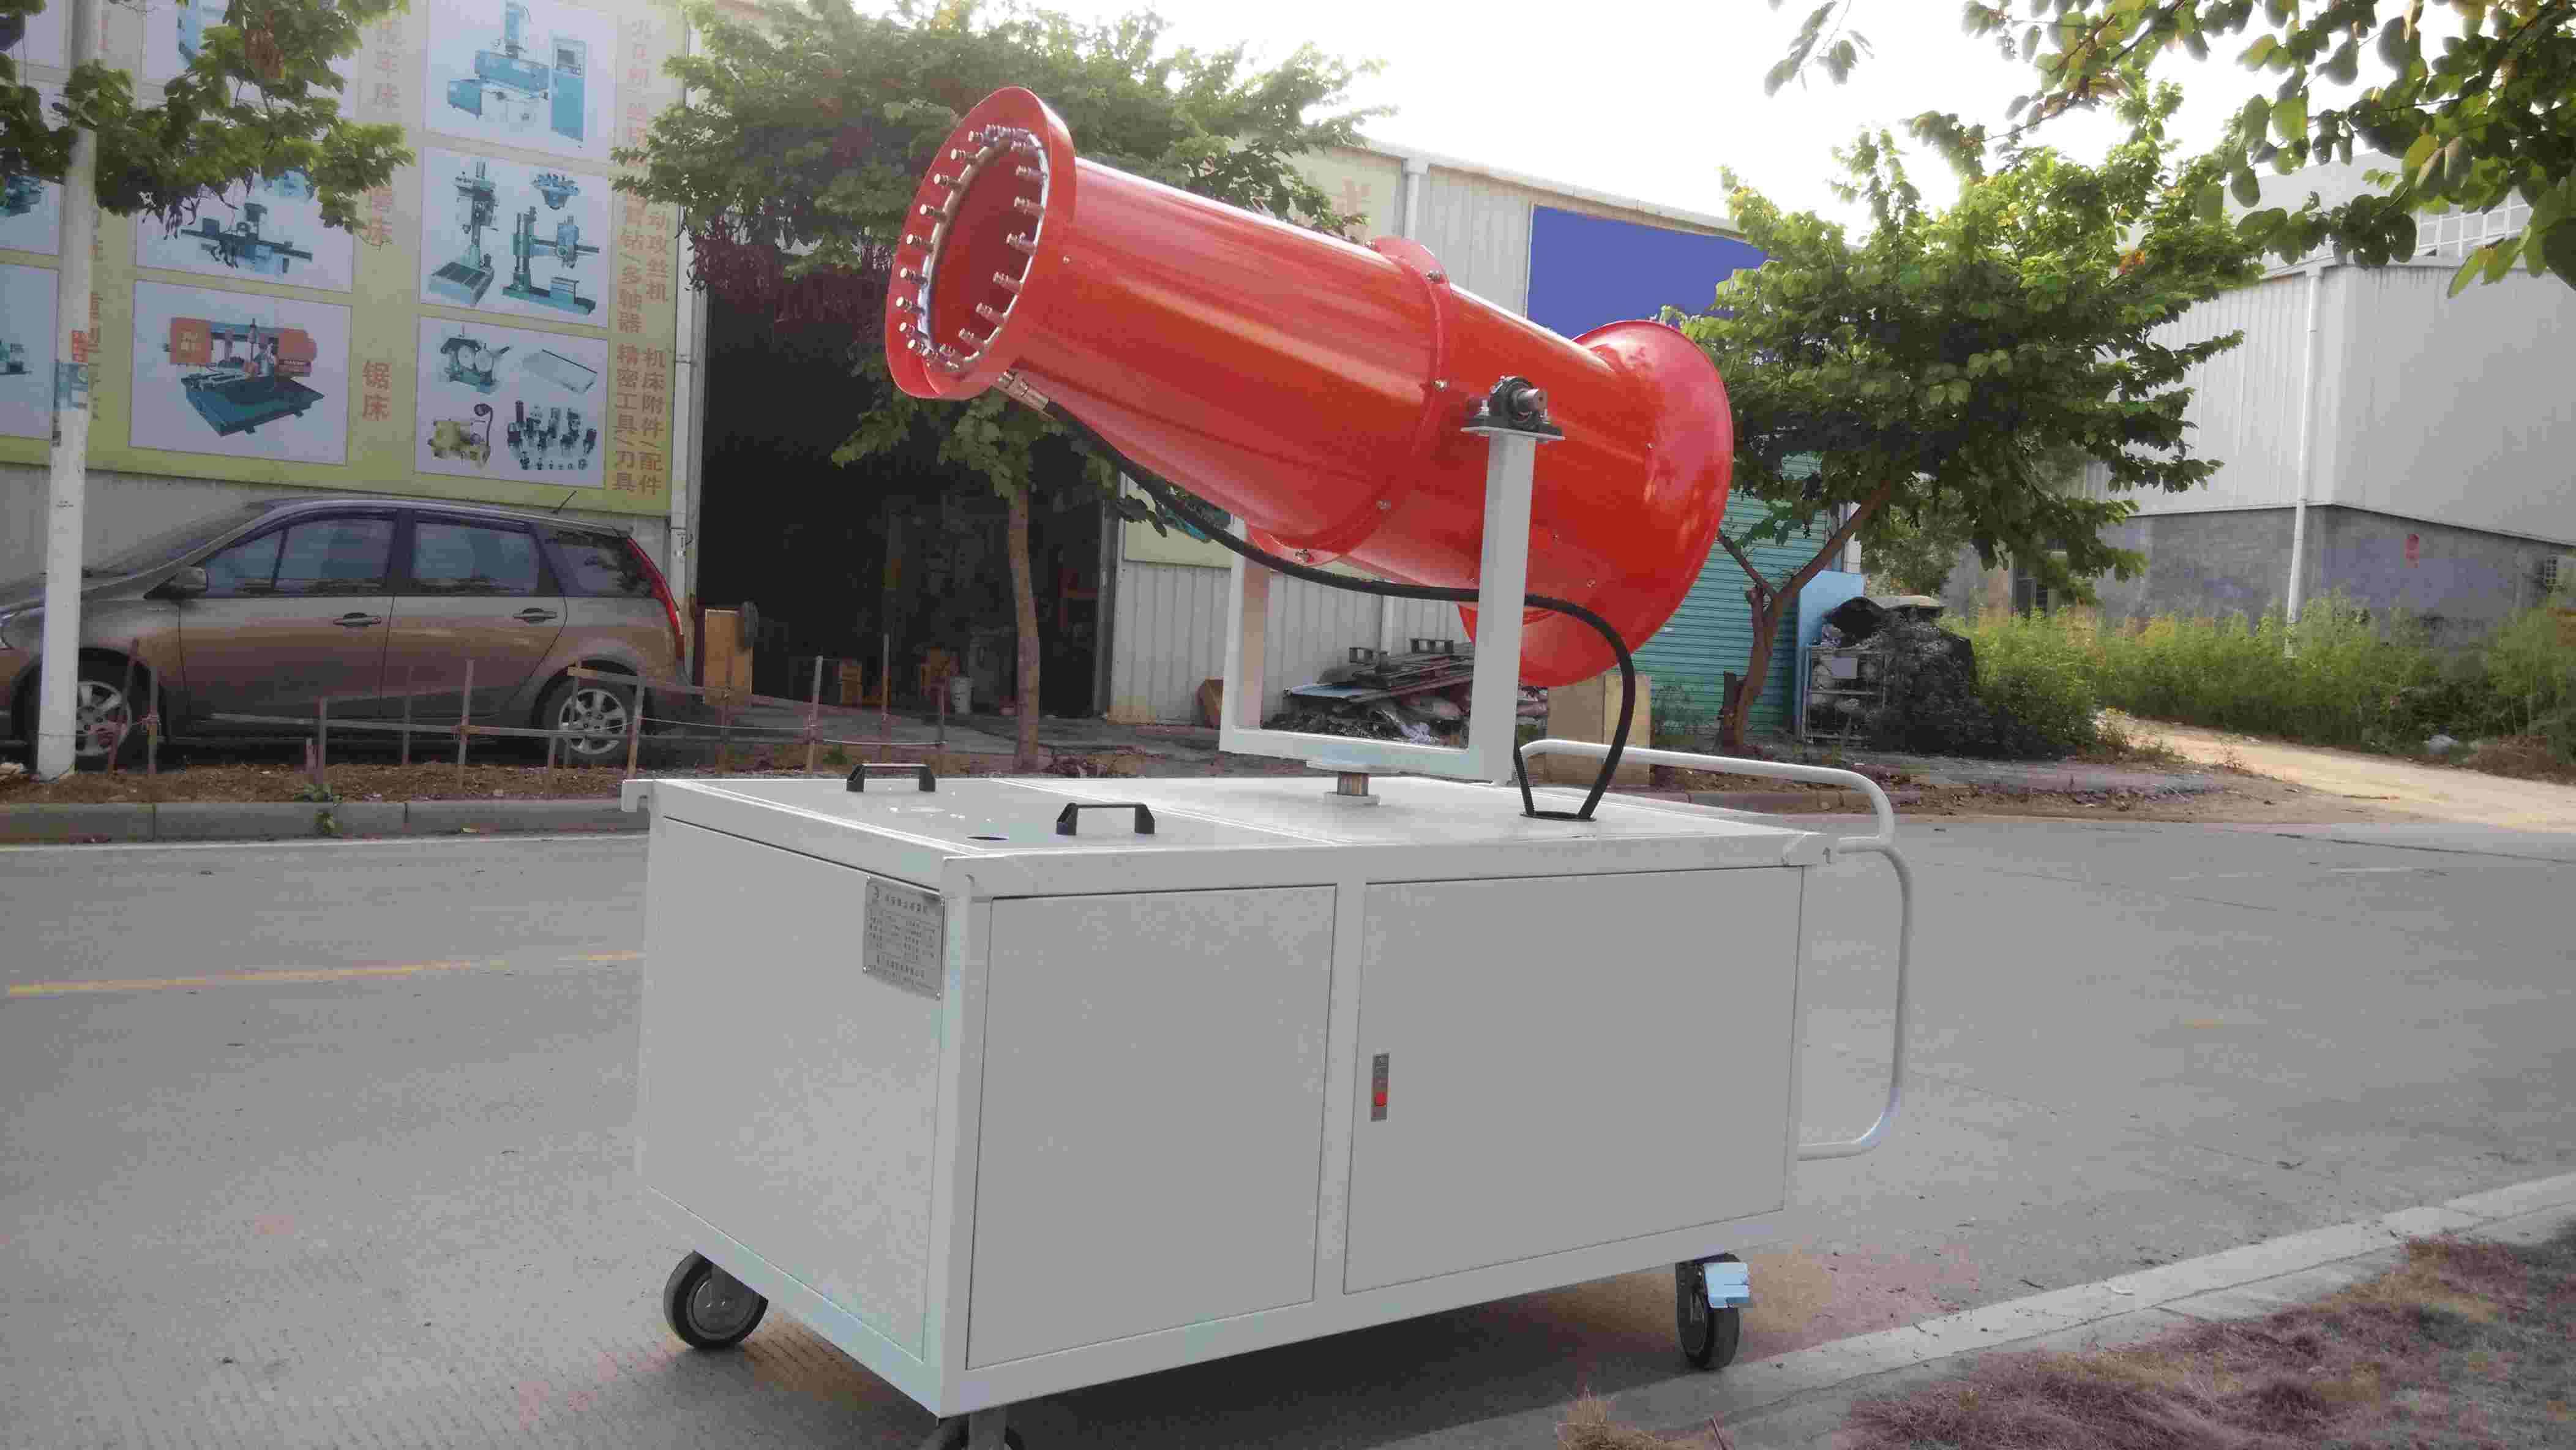 厦门龙耀为了确保风送式工地专用远程除尘喷雾机品质的领先和稳定,厦门龙耀严格按照国际质量管理体系认证进行生产,并以完善的品质管理模式管理,我司的风送式工地专用远程除尘喷雾机在市场上的占有率正稳步提高。我们生产的产品具有除尘、降温的用途,在全国受到一致好评! 厦门龙耀的风送式工地专用远程除尘喷雾机以新颖的款式,精致的手工,优质的性能及售后服务得到业内人士的一致好评,更有部分产品热销于全国省内外地区,在压缩设备行业领域一直拥有很好的口碑。欢迎需求人士来我们公司考察与指导!公司地址:厦门市湖里区港中路1269号象